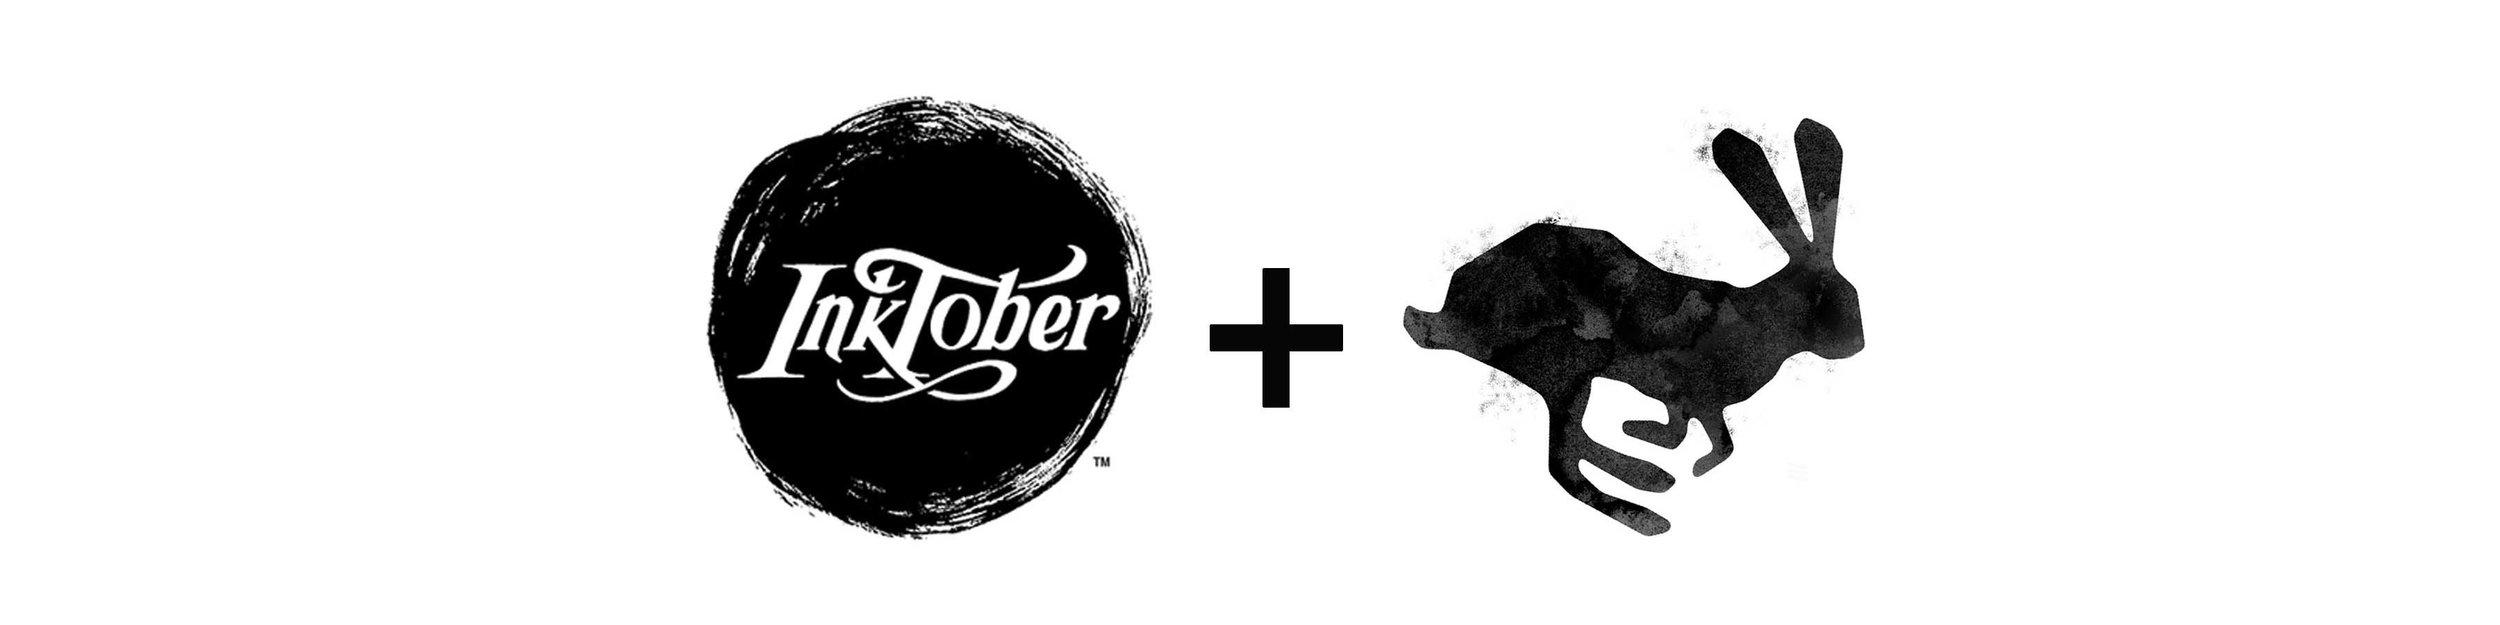 SVS+Inktober-logo-long.jpg